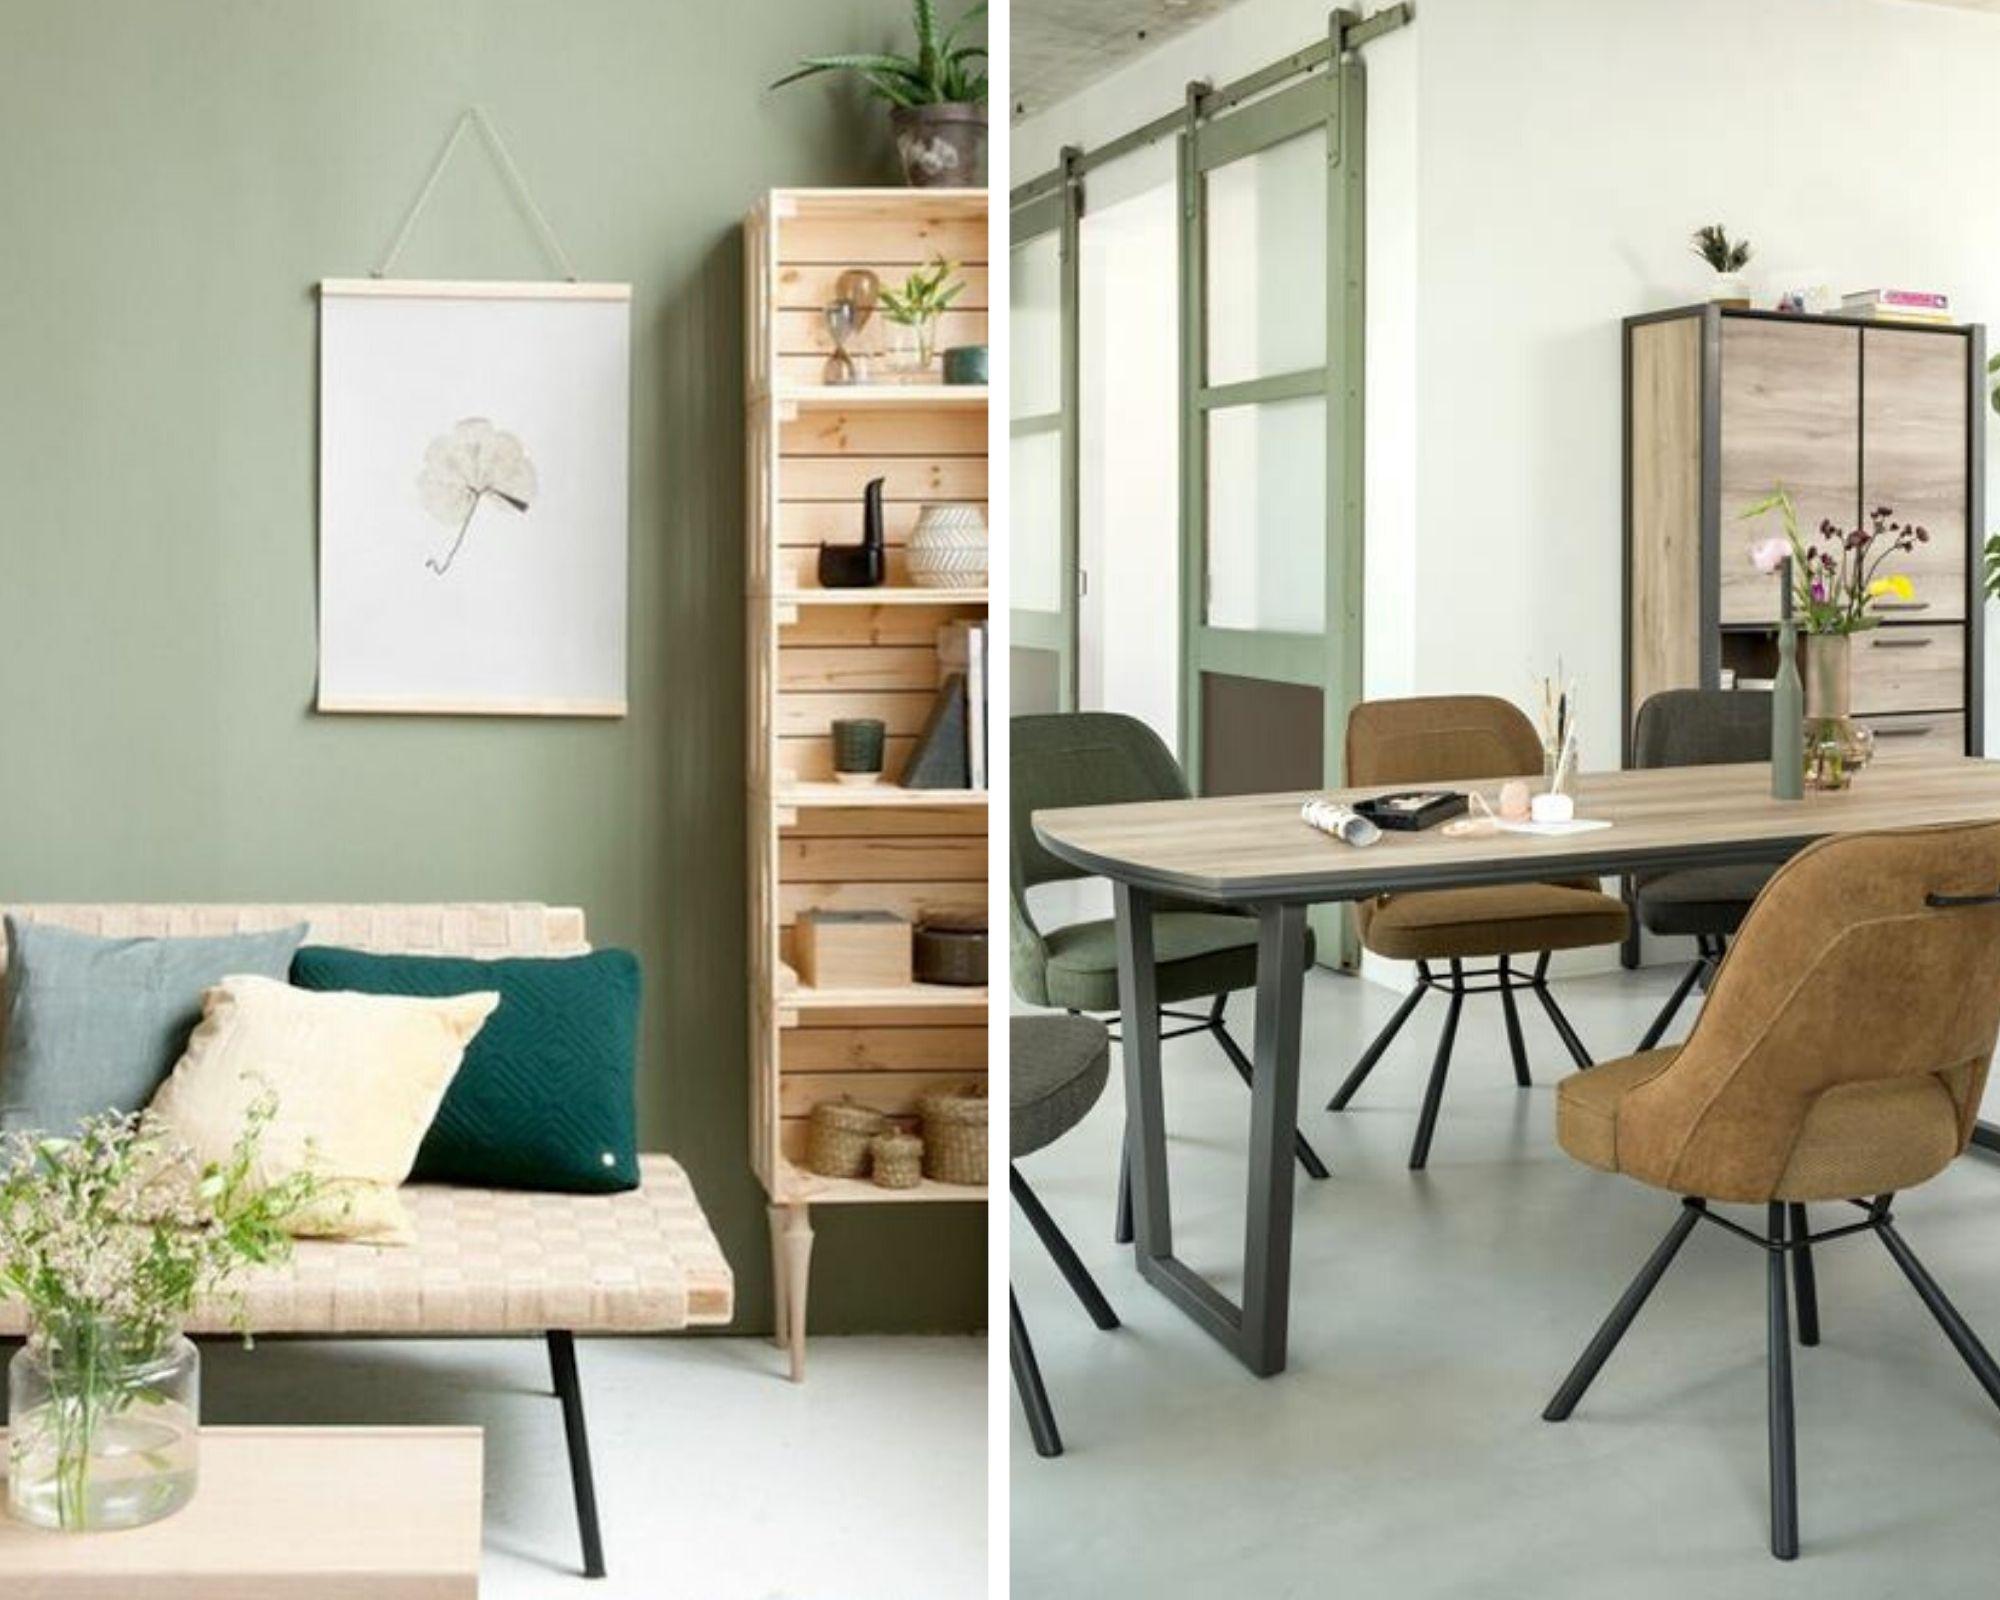 ambiance intérieur contemporaine vert amande